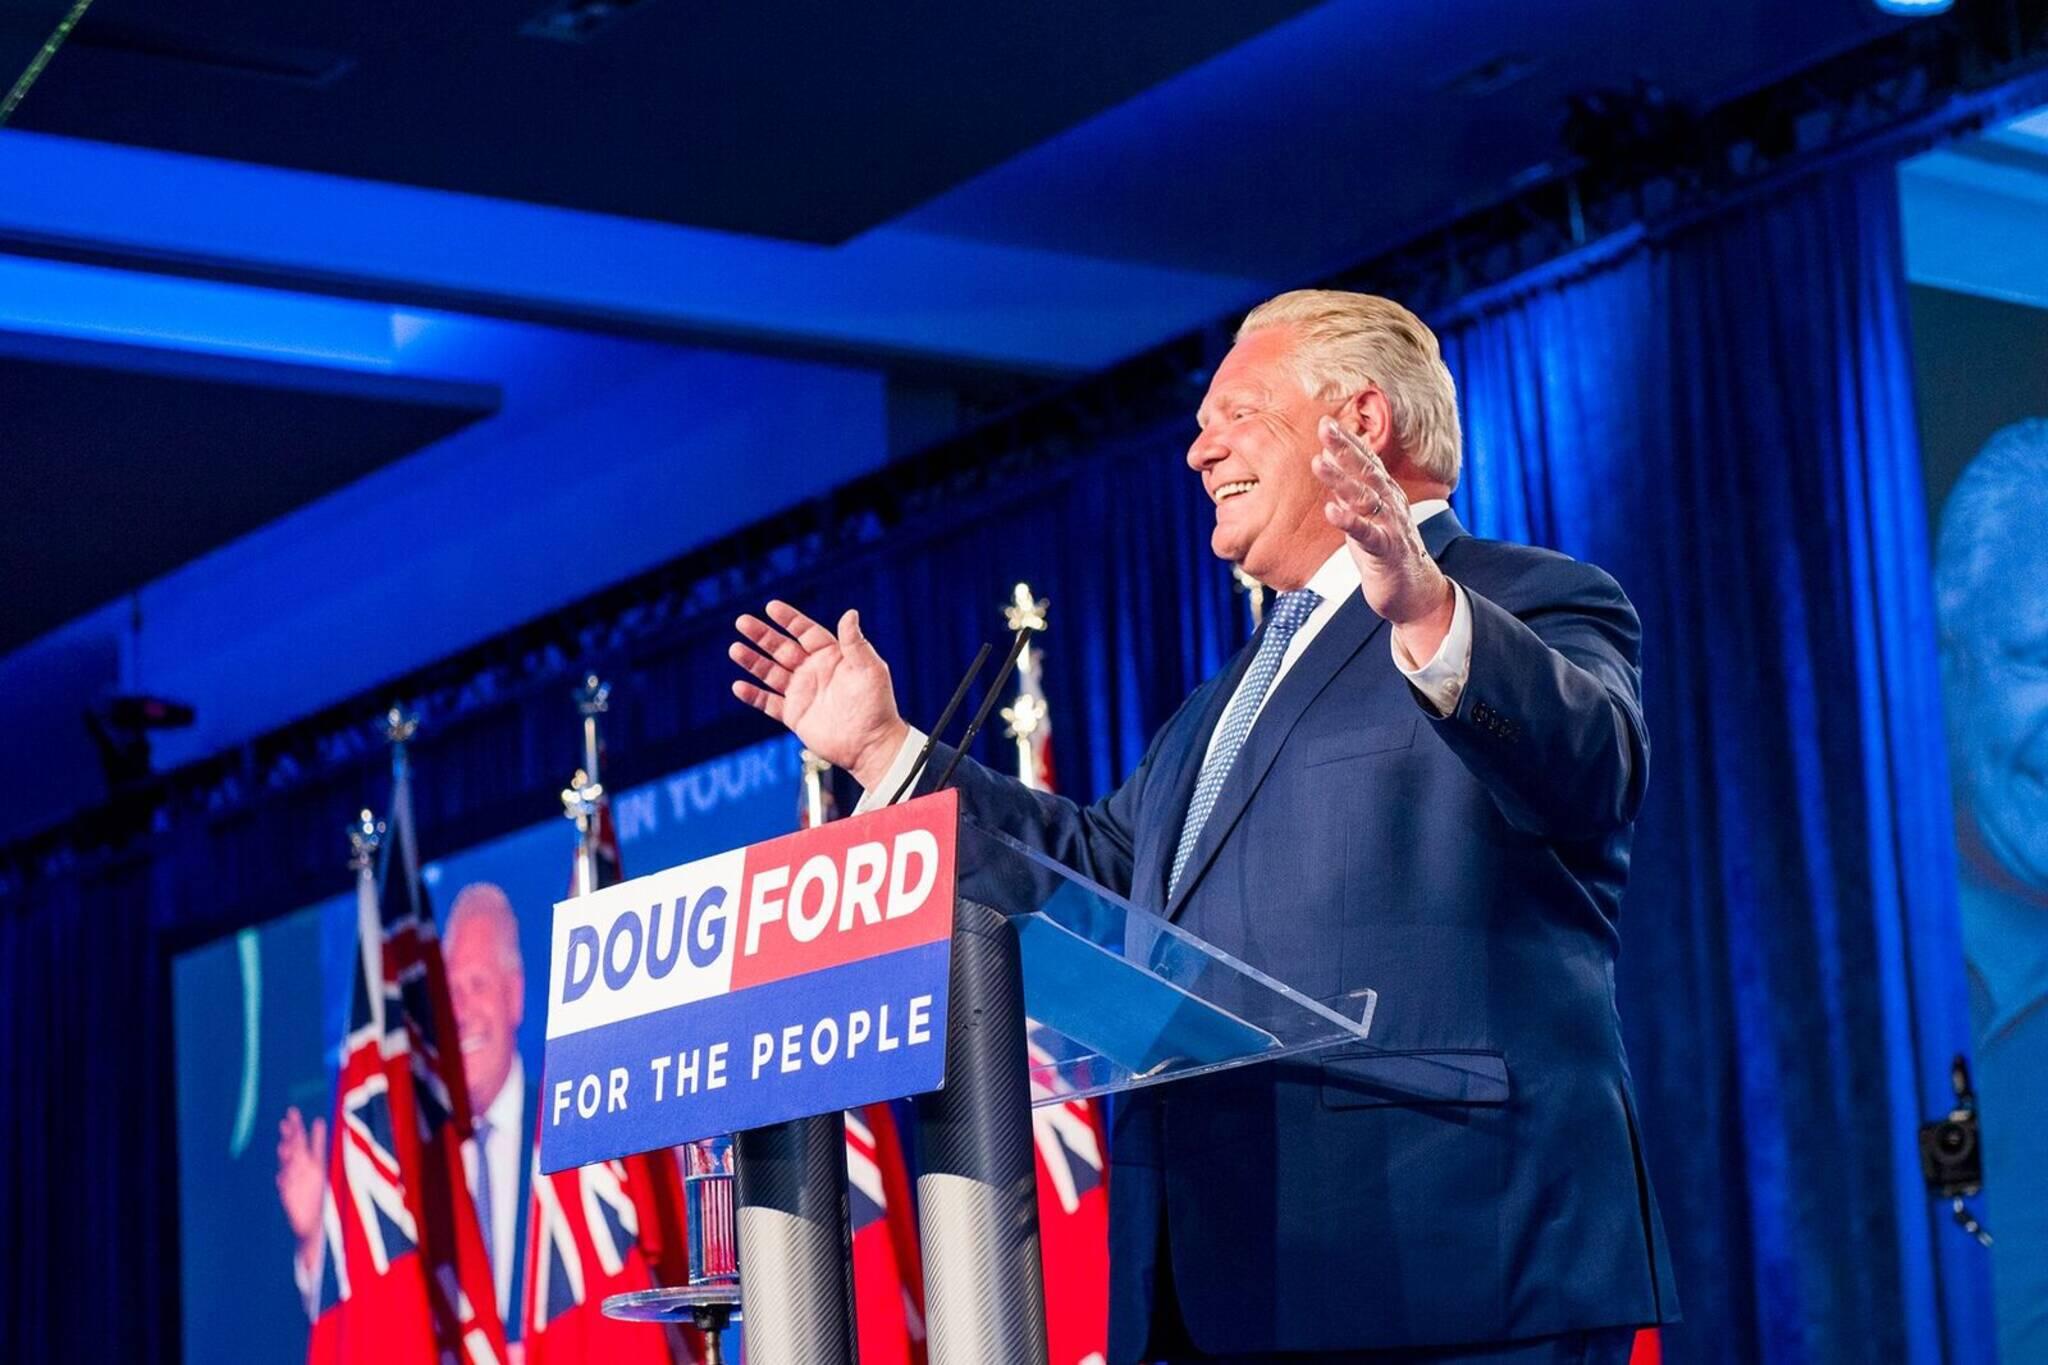 Doug Ford subways